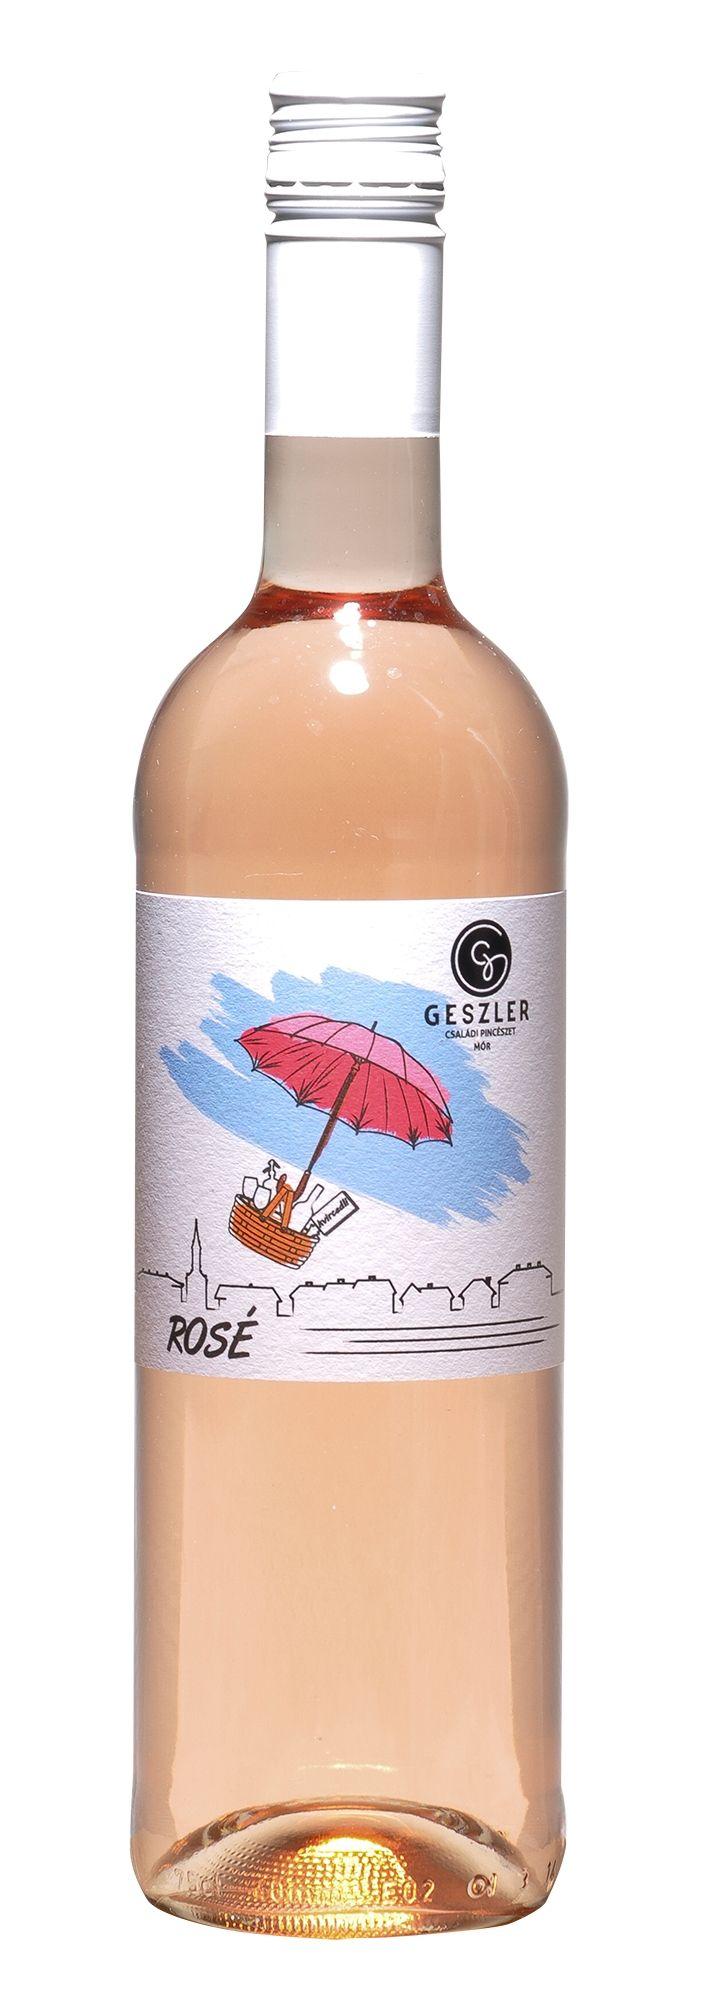 Légies, könnyű, reduktív. Fiatalos savak, kirobbanó gyümölcsösség, intenzív, mámorító illatok jellemzik. http://geszlerpince.hu/borok-geszler-csaladi-pinceszet-mor/geszler-rose-2014#tartalom